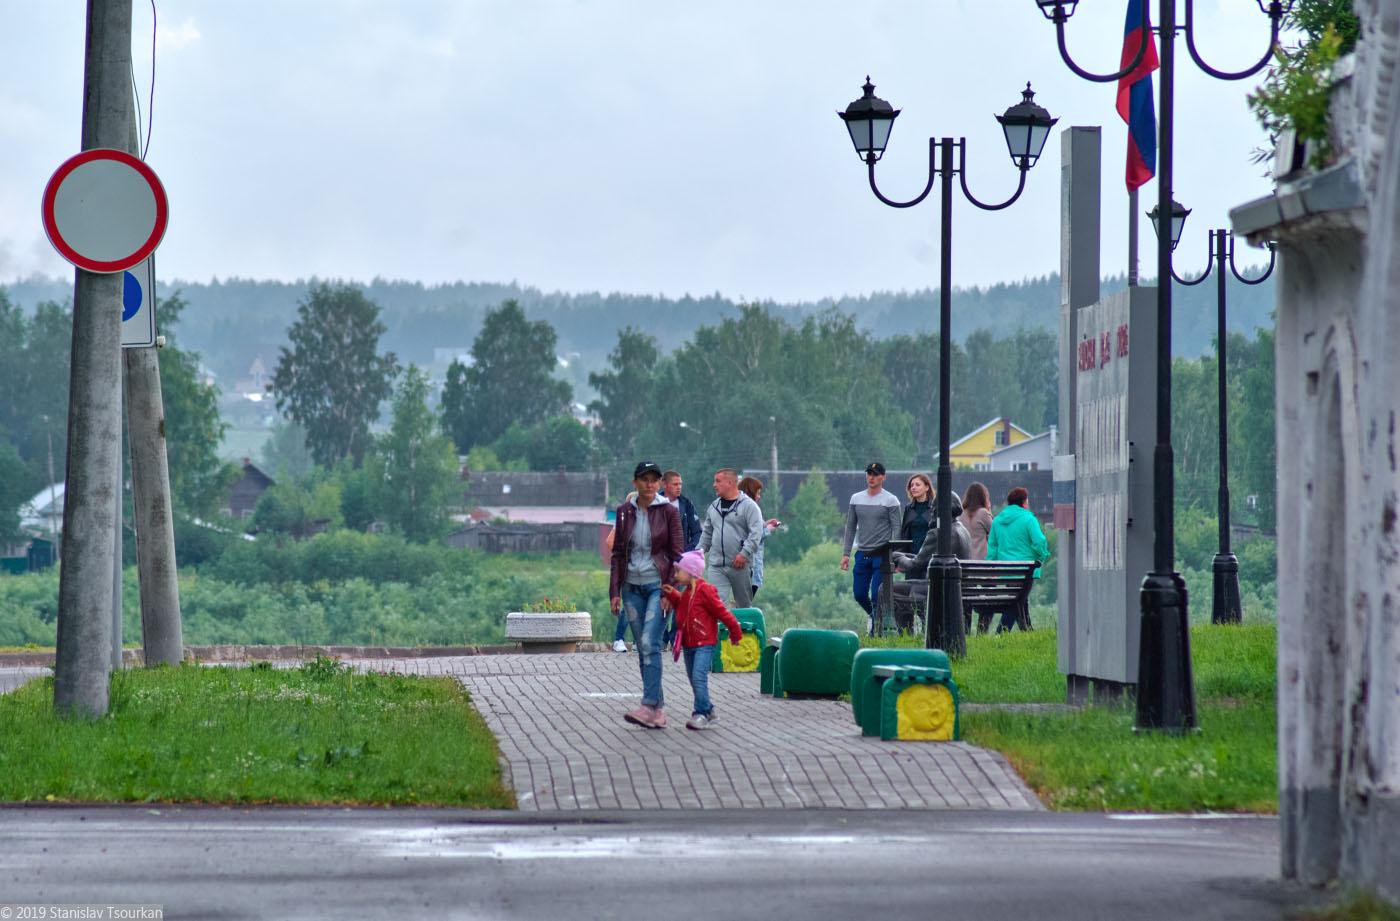 Вологодская область, Вологодчина, Великий Устюг, Русский север, набережная, Сухона, набережная Сухоны